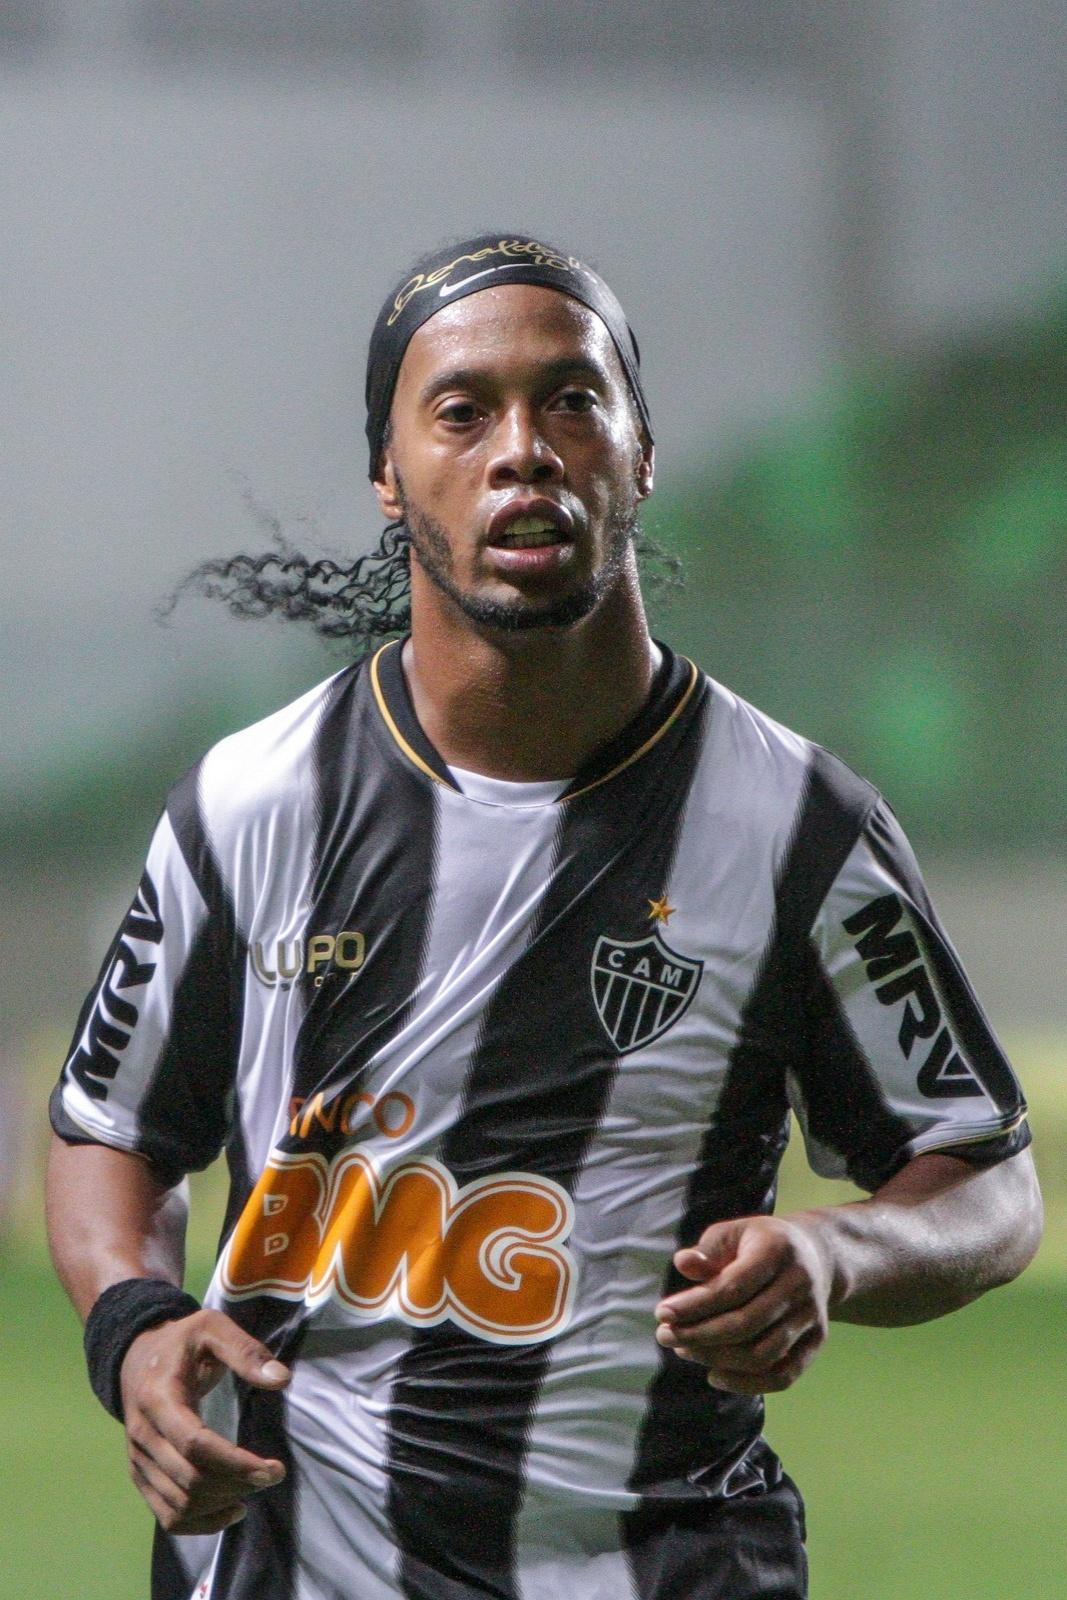 14 ago 2013 - Ronaldinho Gaúcho durante o jogo em que o Atlético-MG venceu o Bahia, por 2 a 0, no Independência